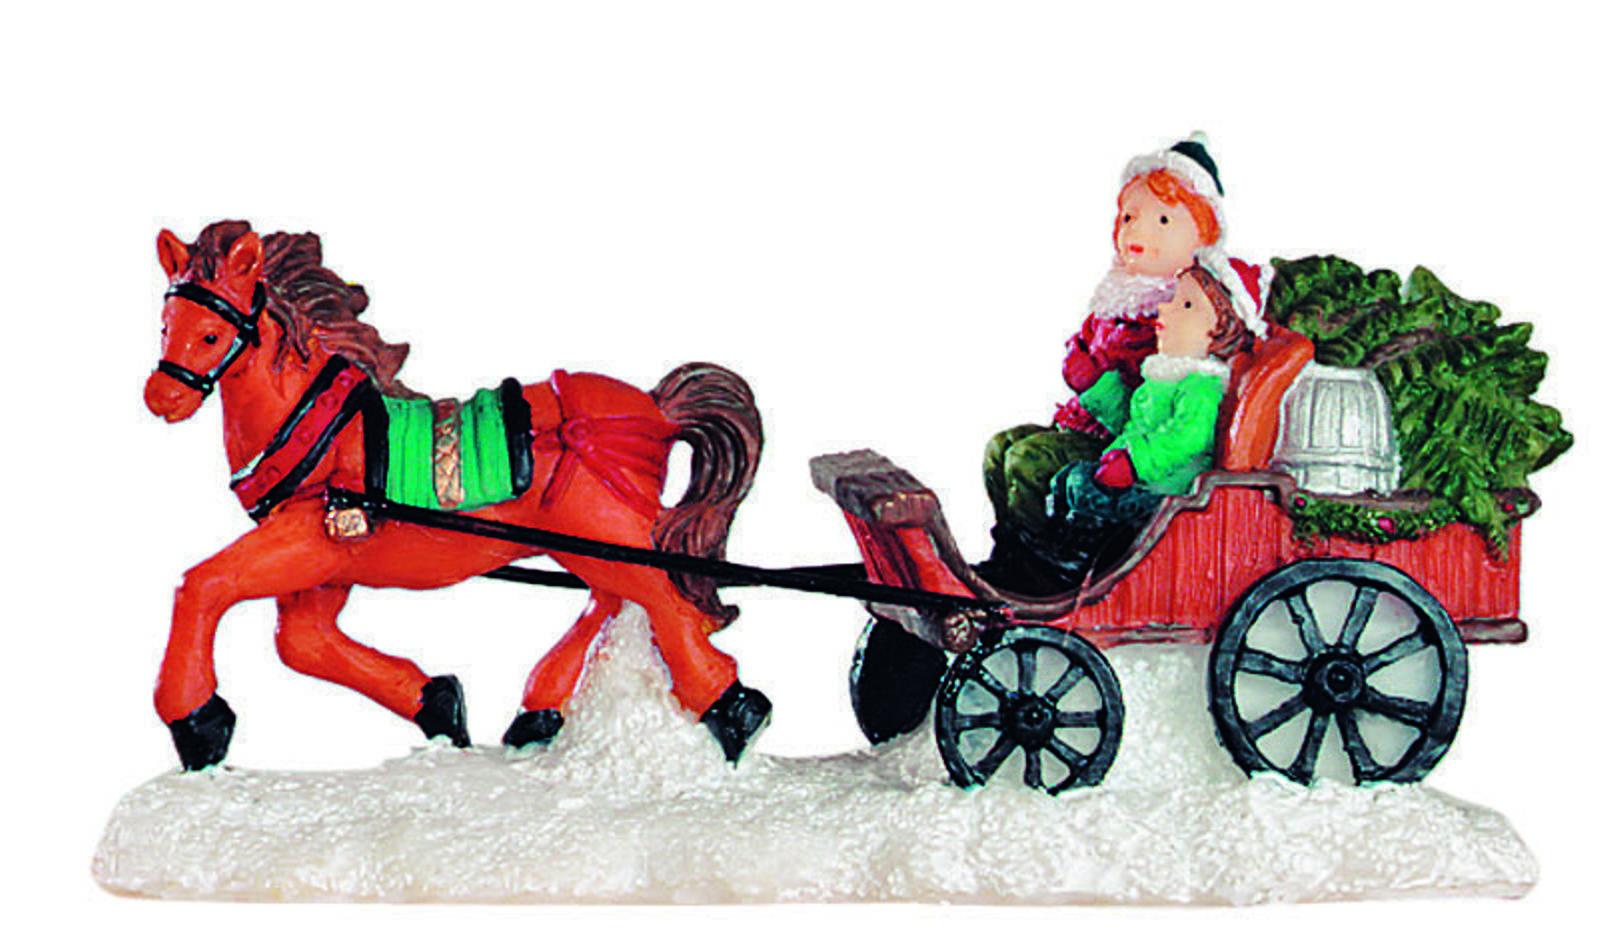 #1C826B Maison Lumineuse G.Wurm Miniature Père Noël Personne De  5319 decorations de noel a vendre 1600x937 px @ aertt.com